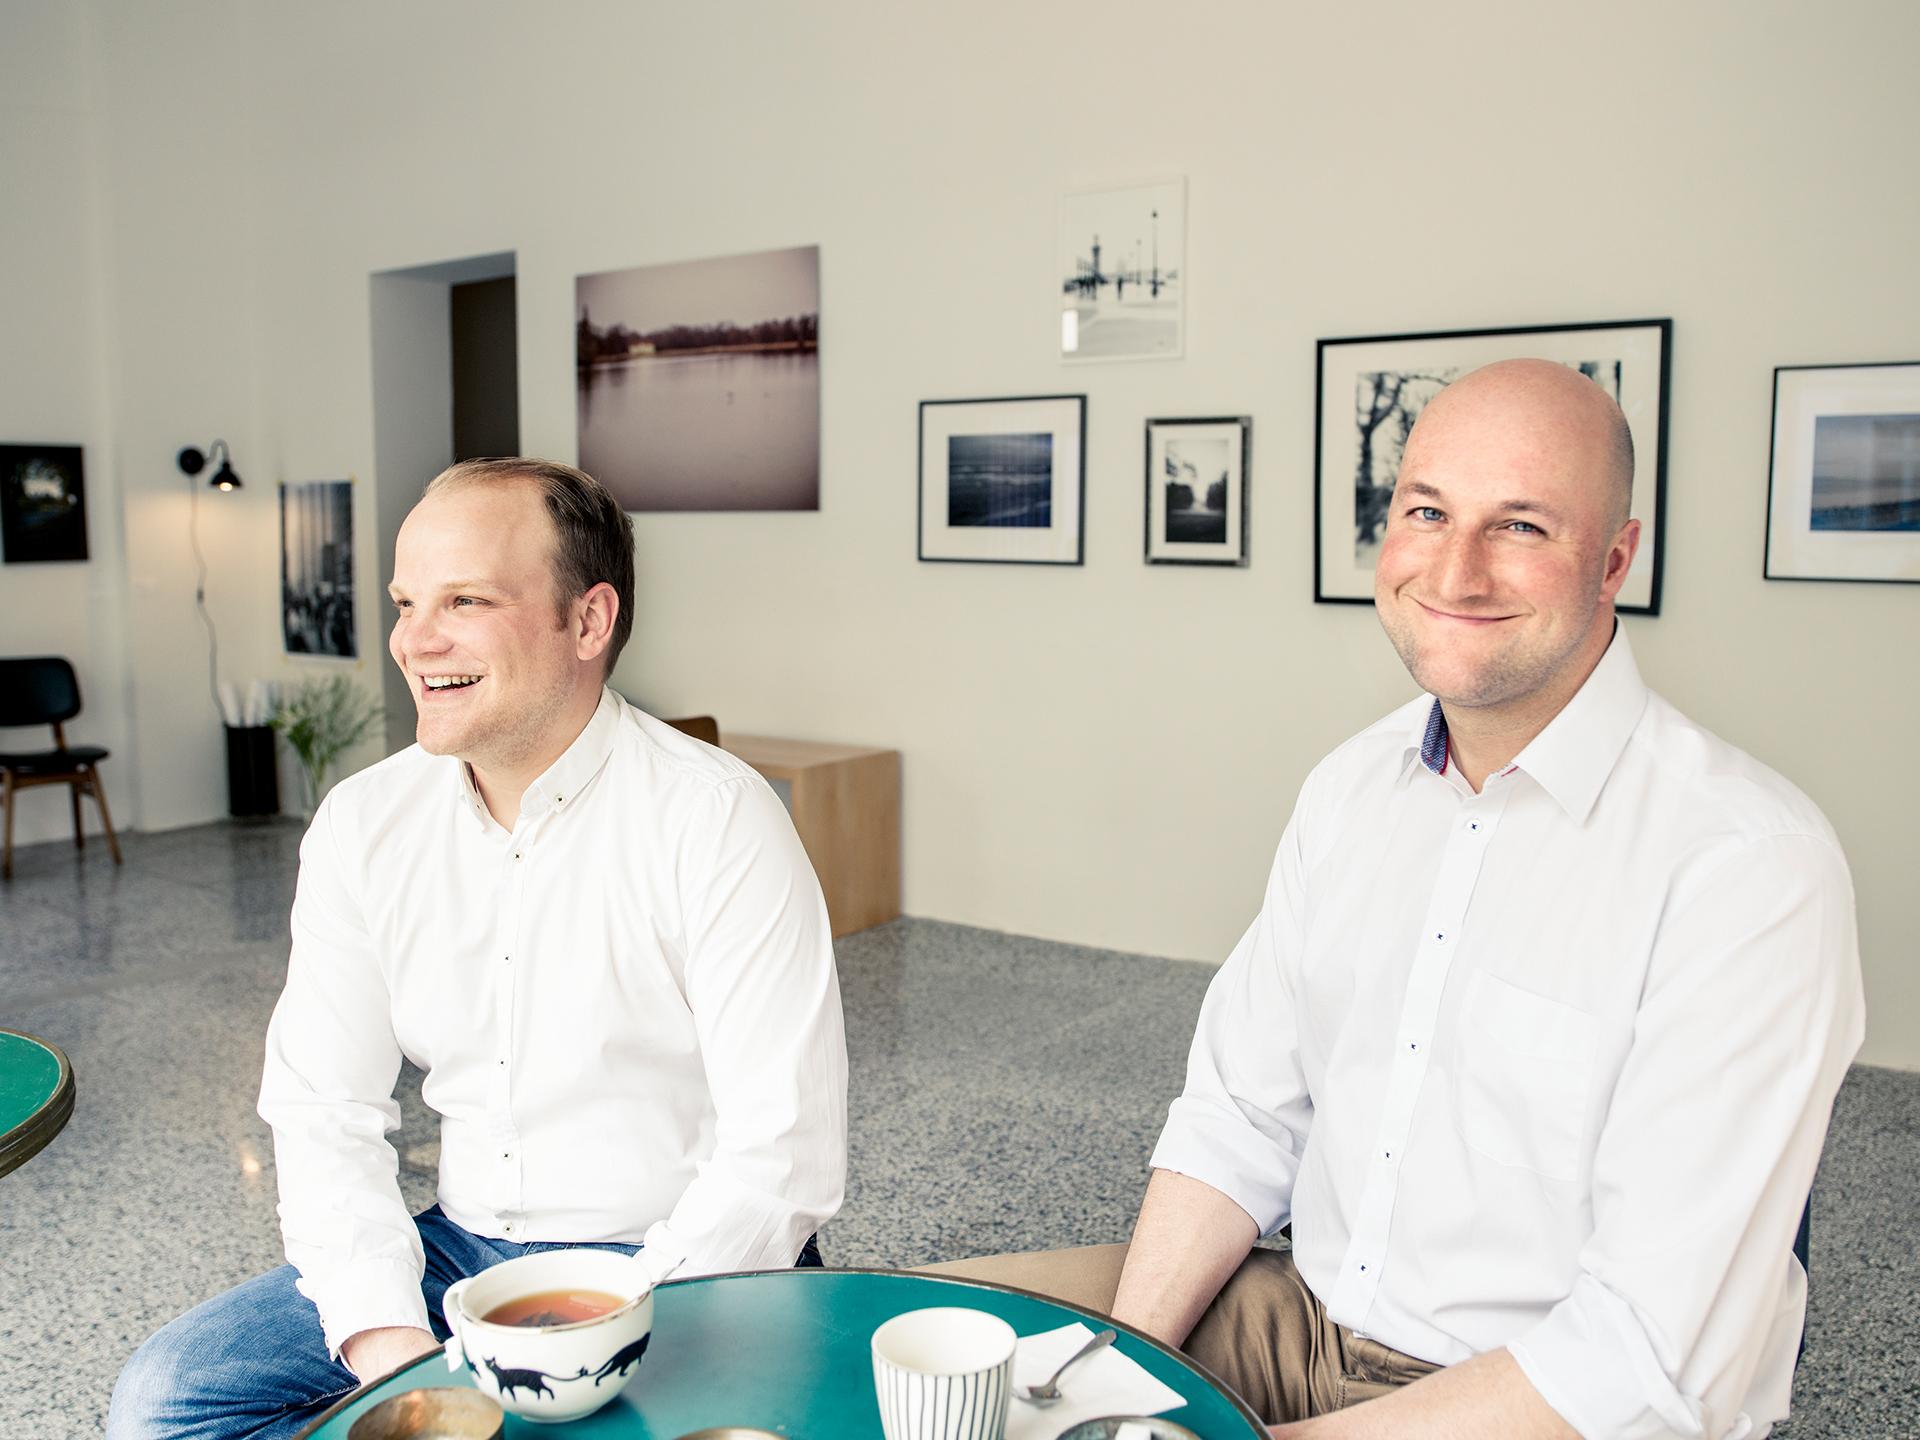 Hochzeitsfotografen Potsdam Reinhardt & Sommer